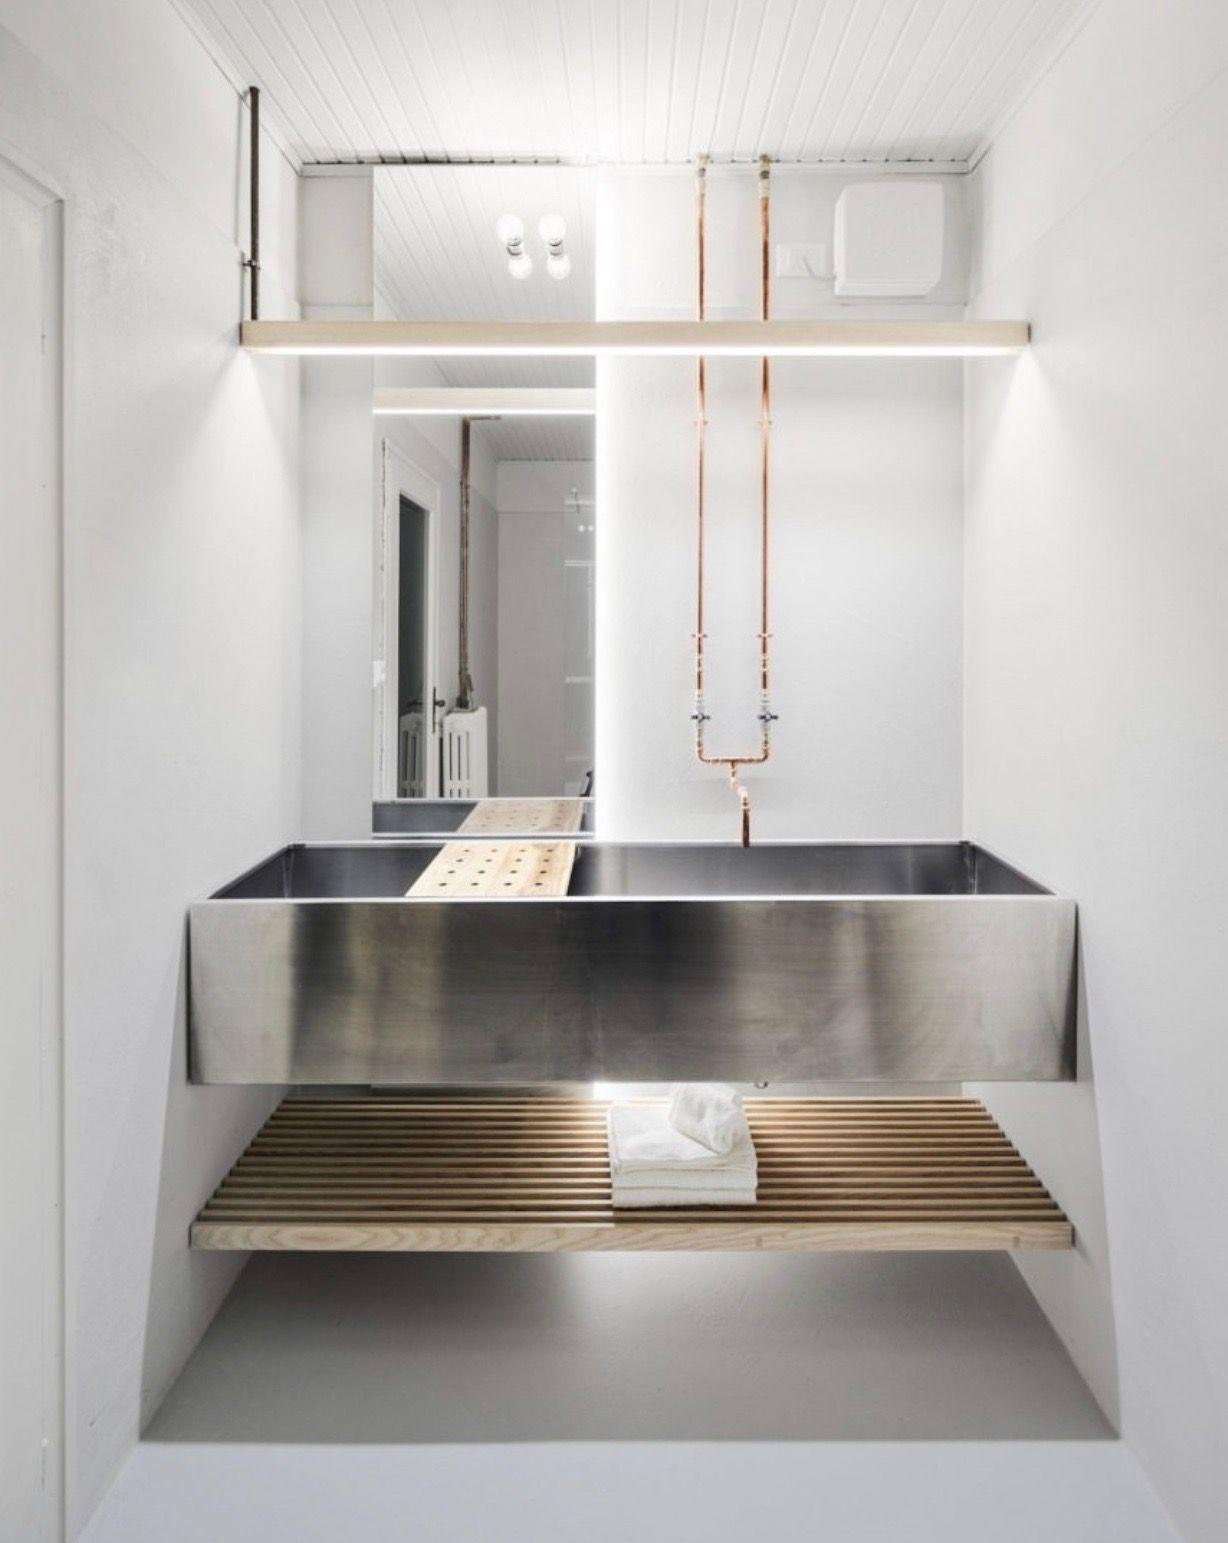 Diaism Acquire Understanding Artribute Attaism Ergeben Sie Z 2020 House Banyo Tuvaletler